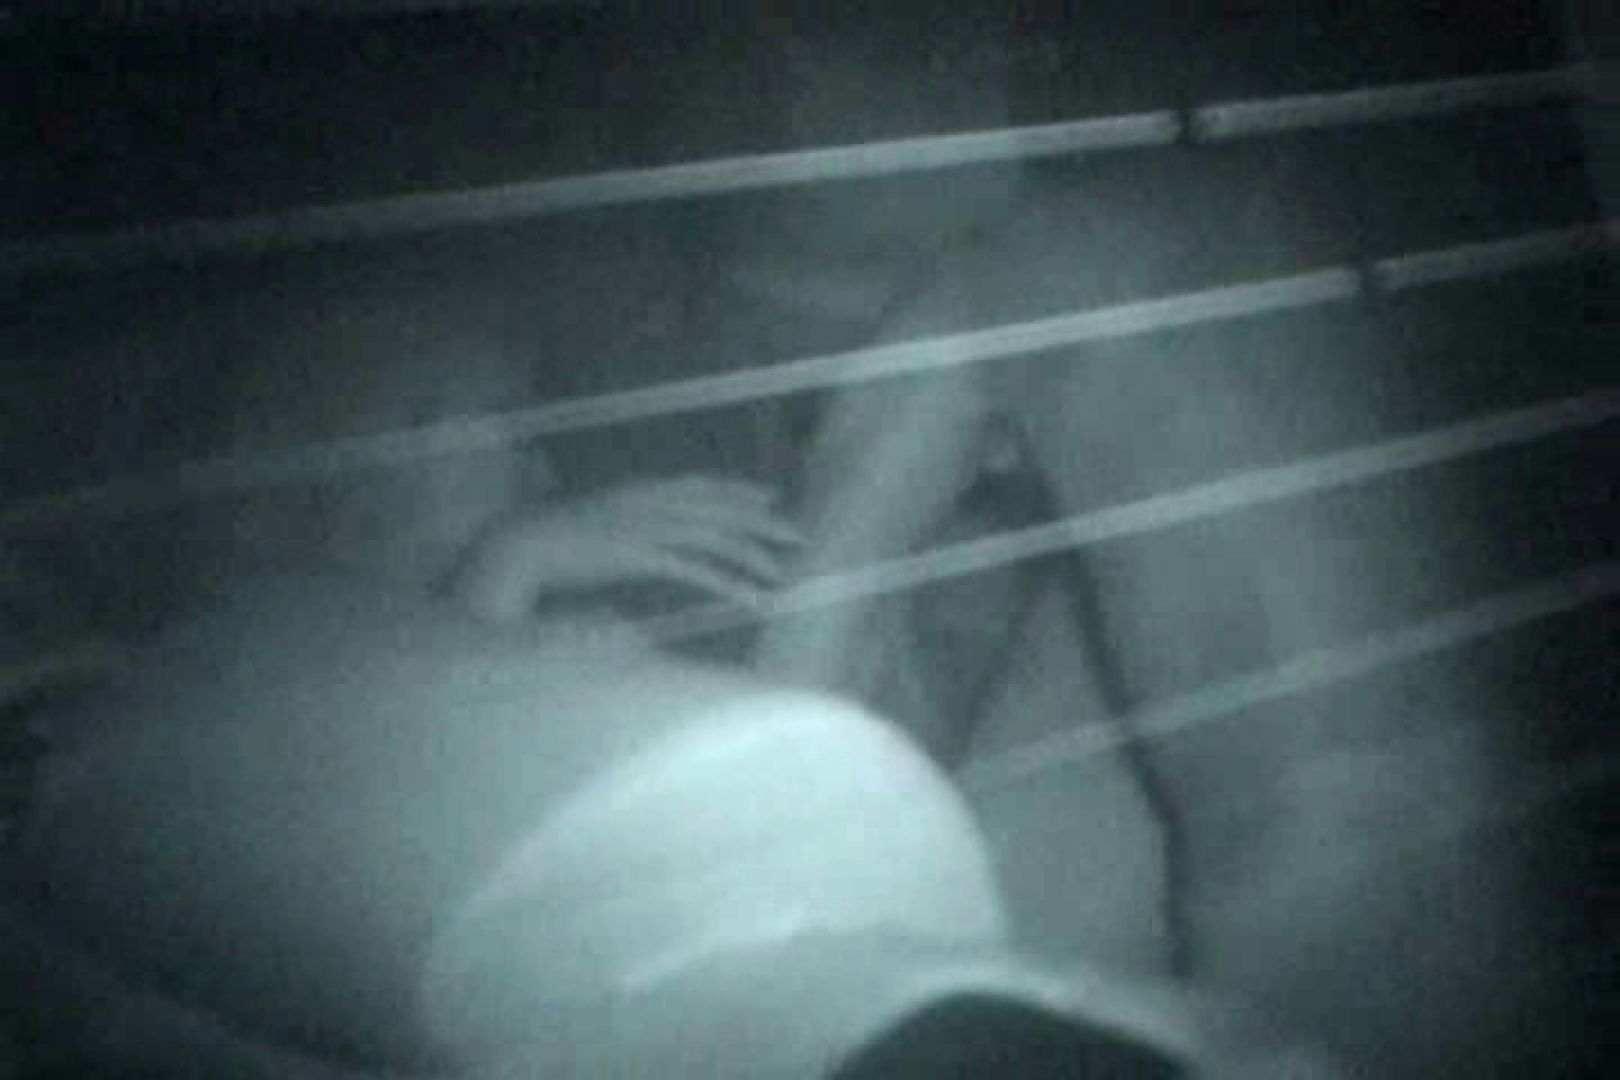 充血監督の深夜の運動会Vol.136 OLセックス 盗撮オマンコ無修正動画無料 100画像 59